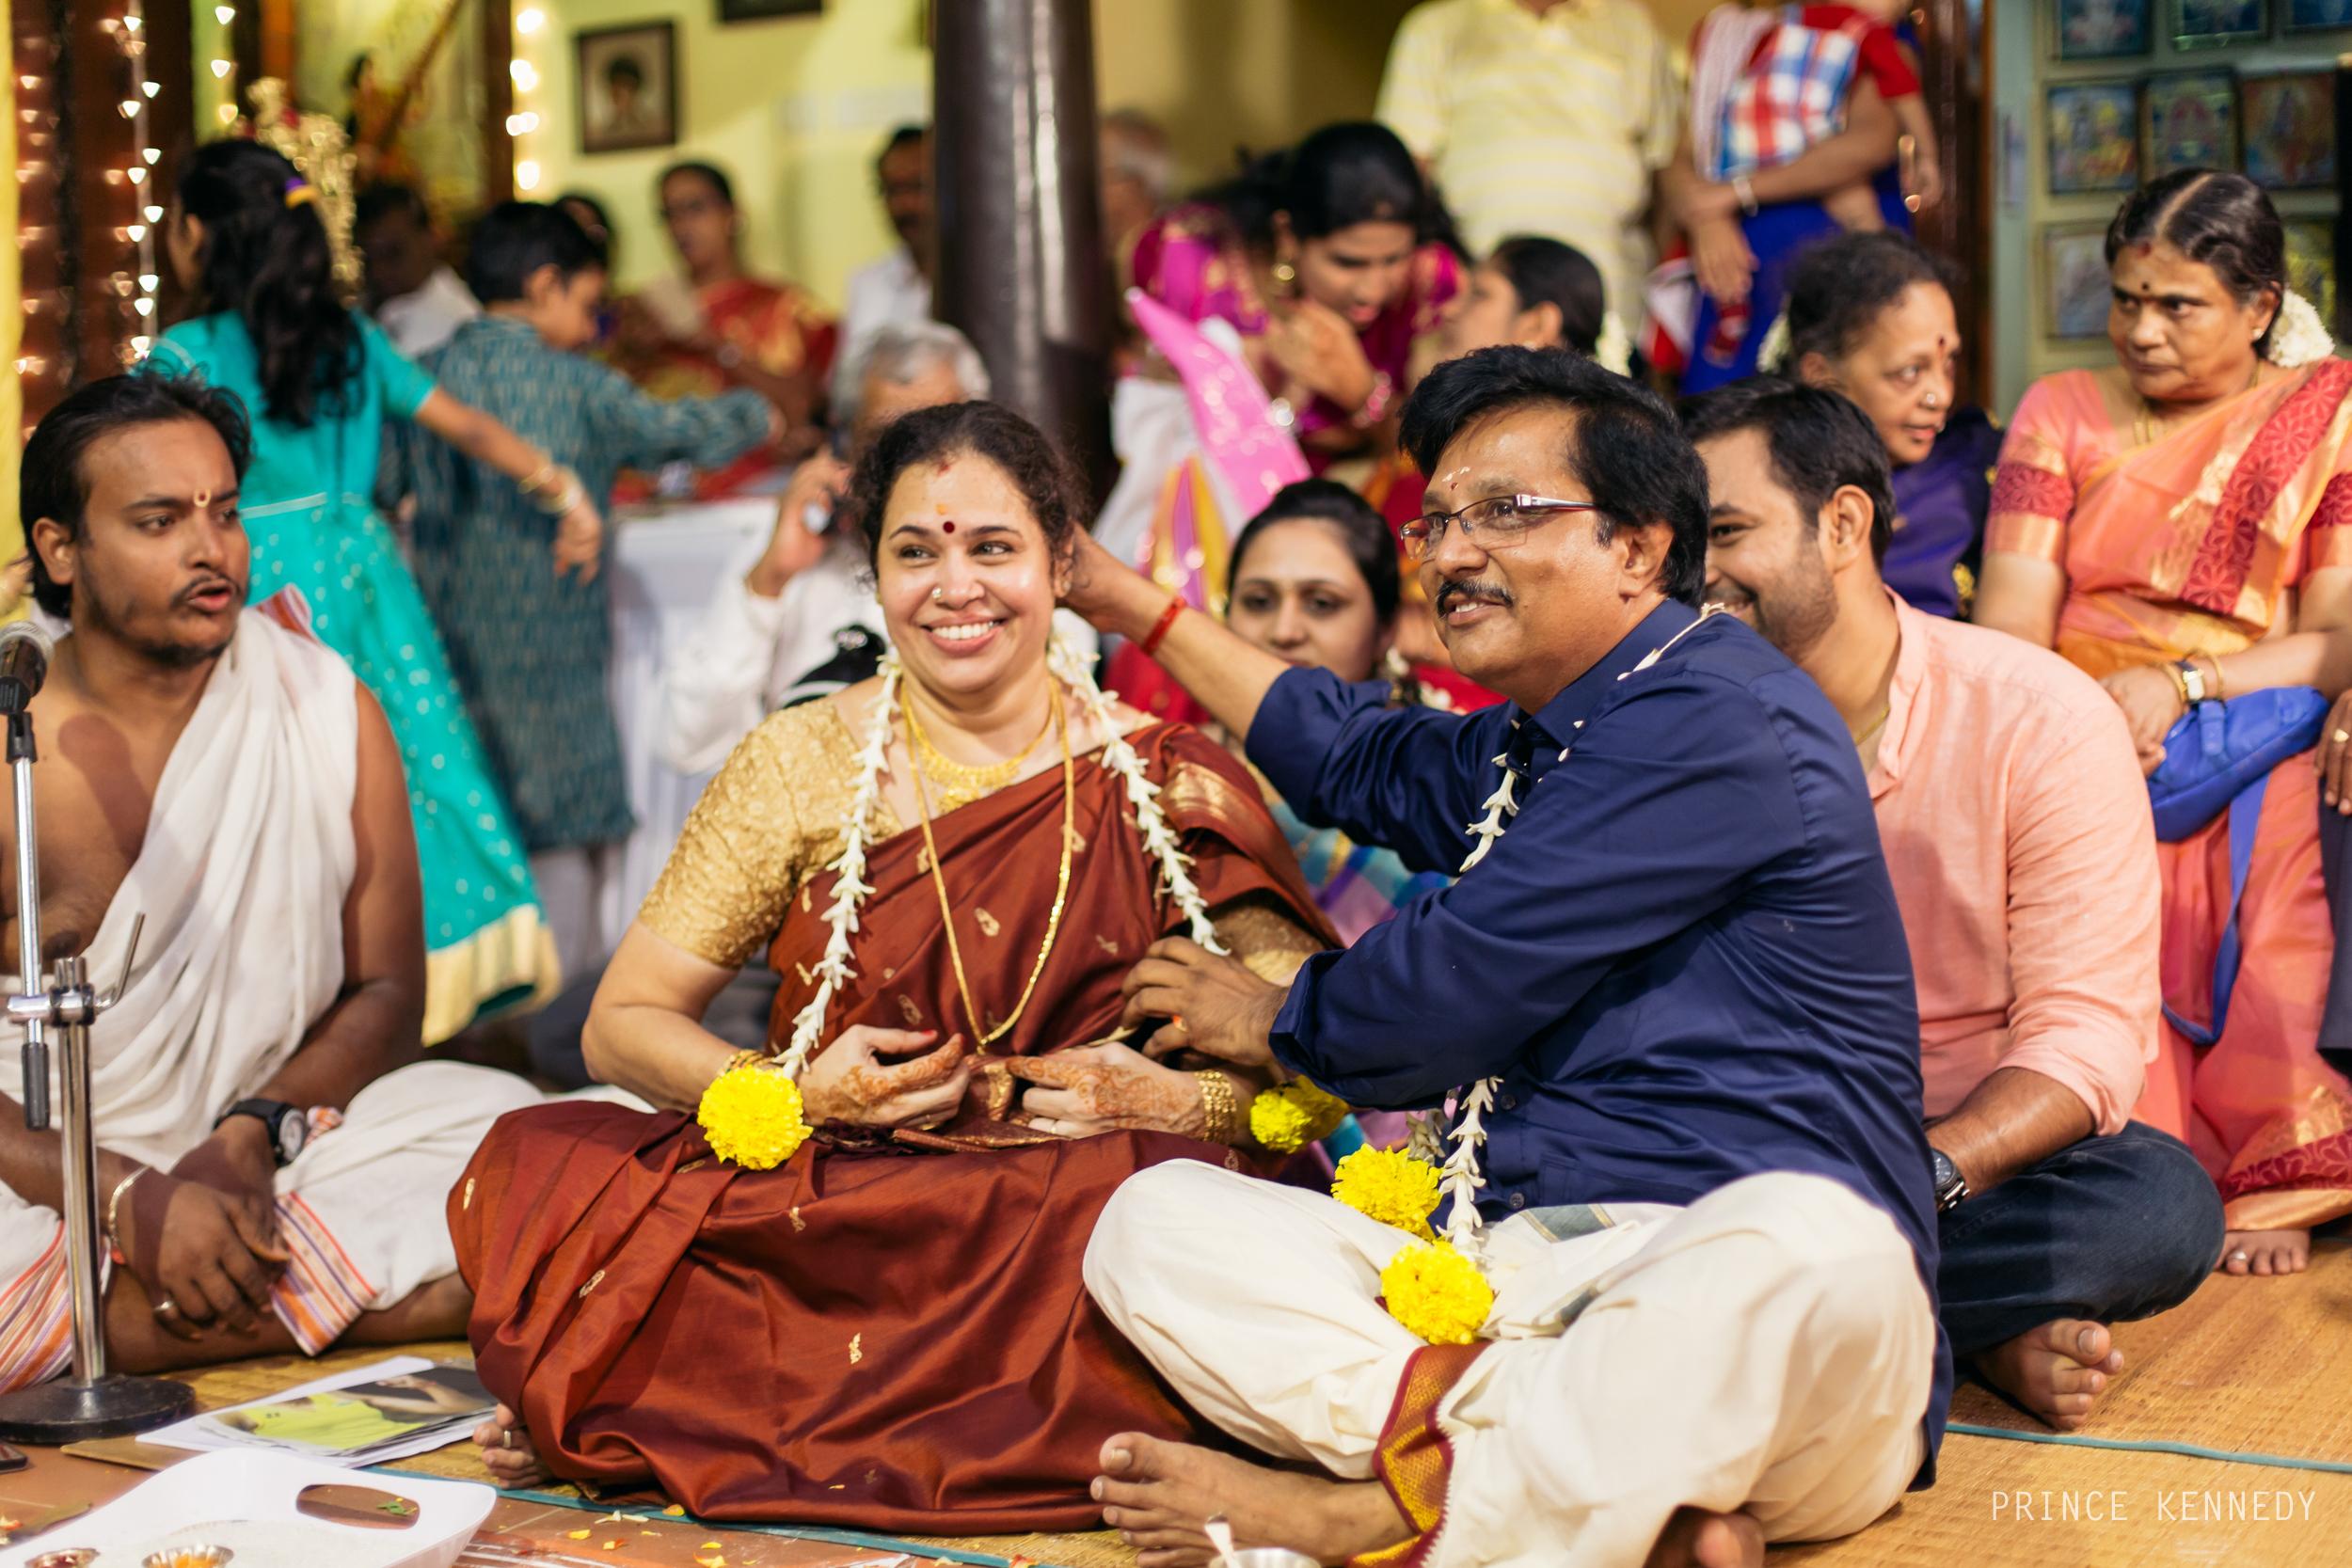 Engagement-Couple-Portrait-Portraiture-Wedding-Couple-Portrait-Chennai-Photographer-Candid-Photography-Destination-Best-Prince-Kennedy-Photography-176.jpg